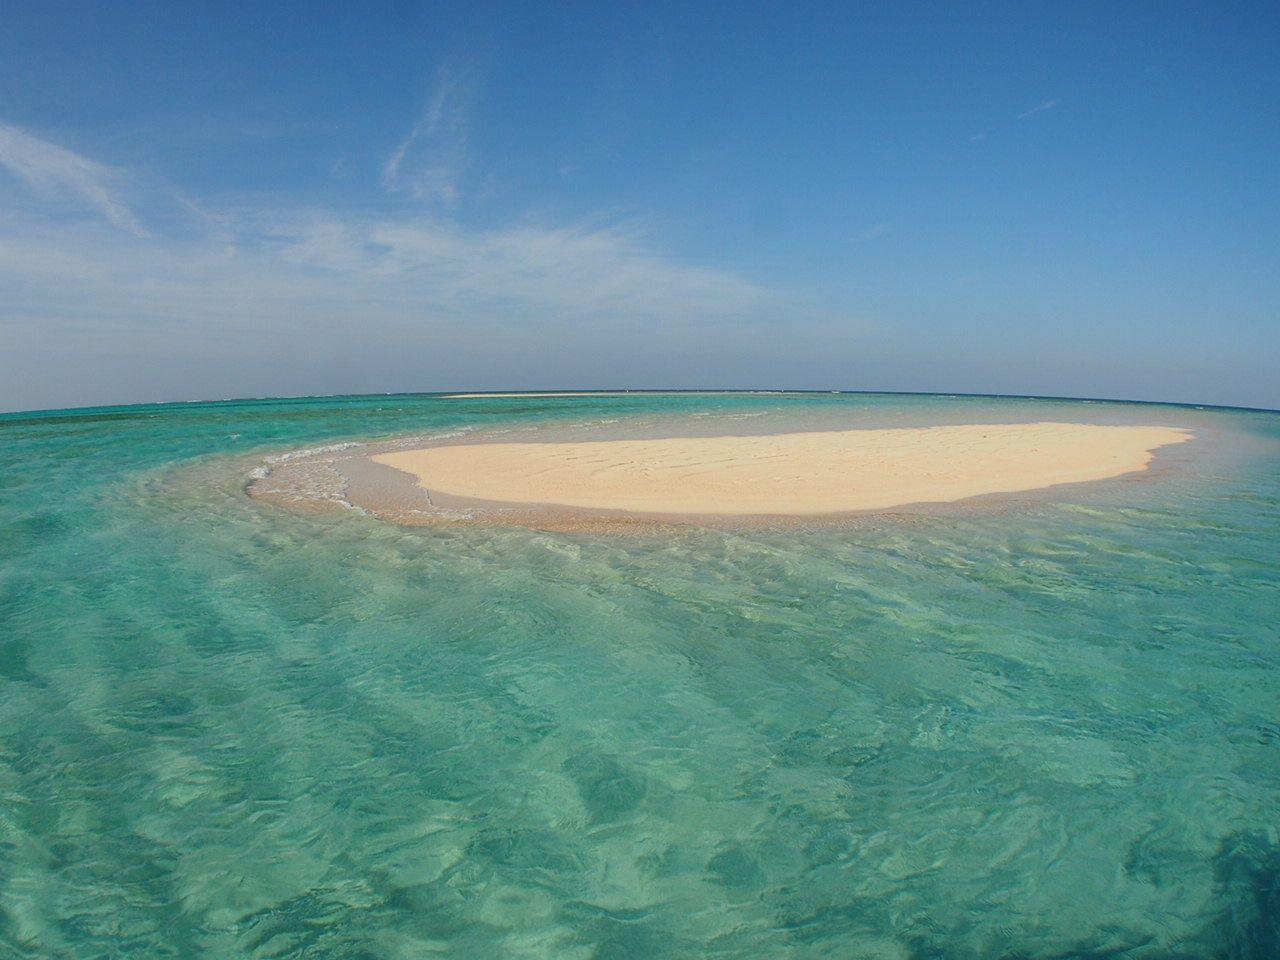 与論島の絶景スポット!幻の砂浜「百合が浜」へ! | 鹿児島県 | トラベルjp<たびねす> 与論